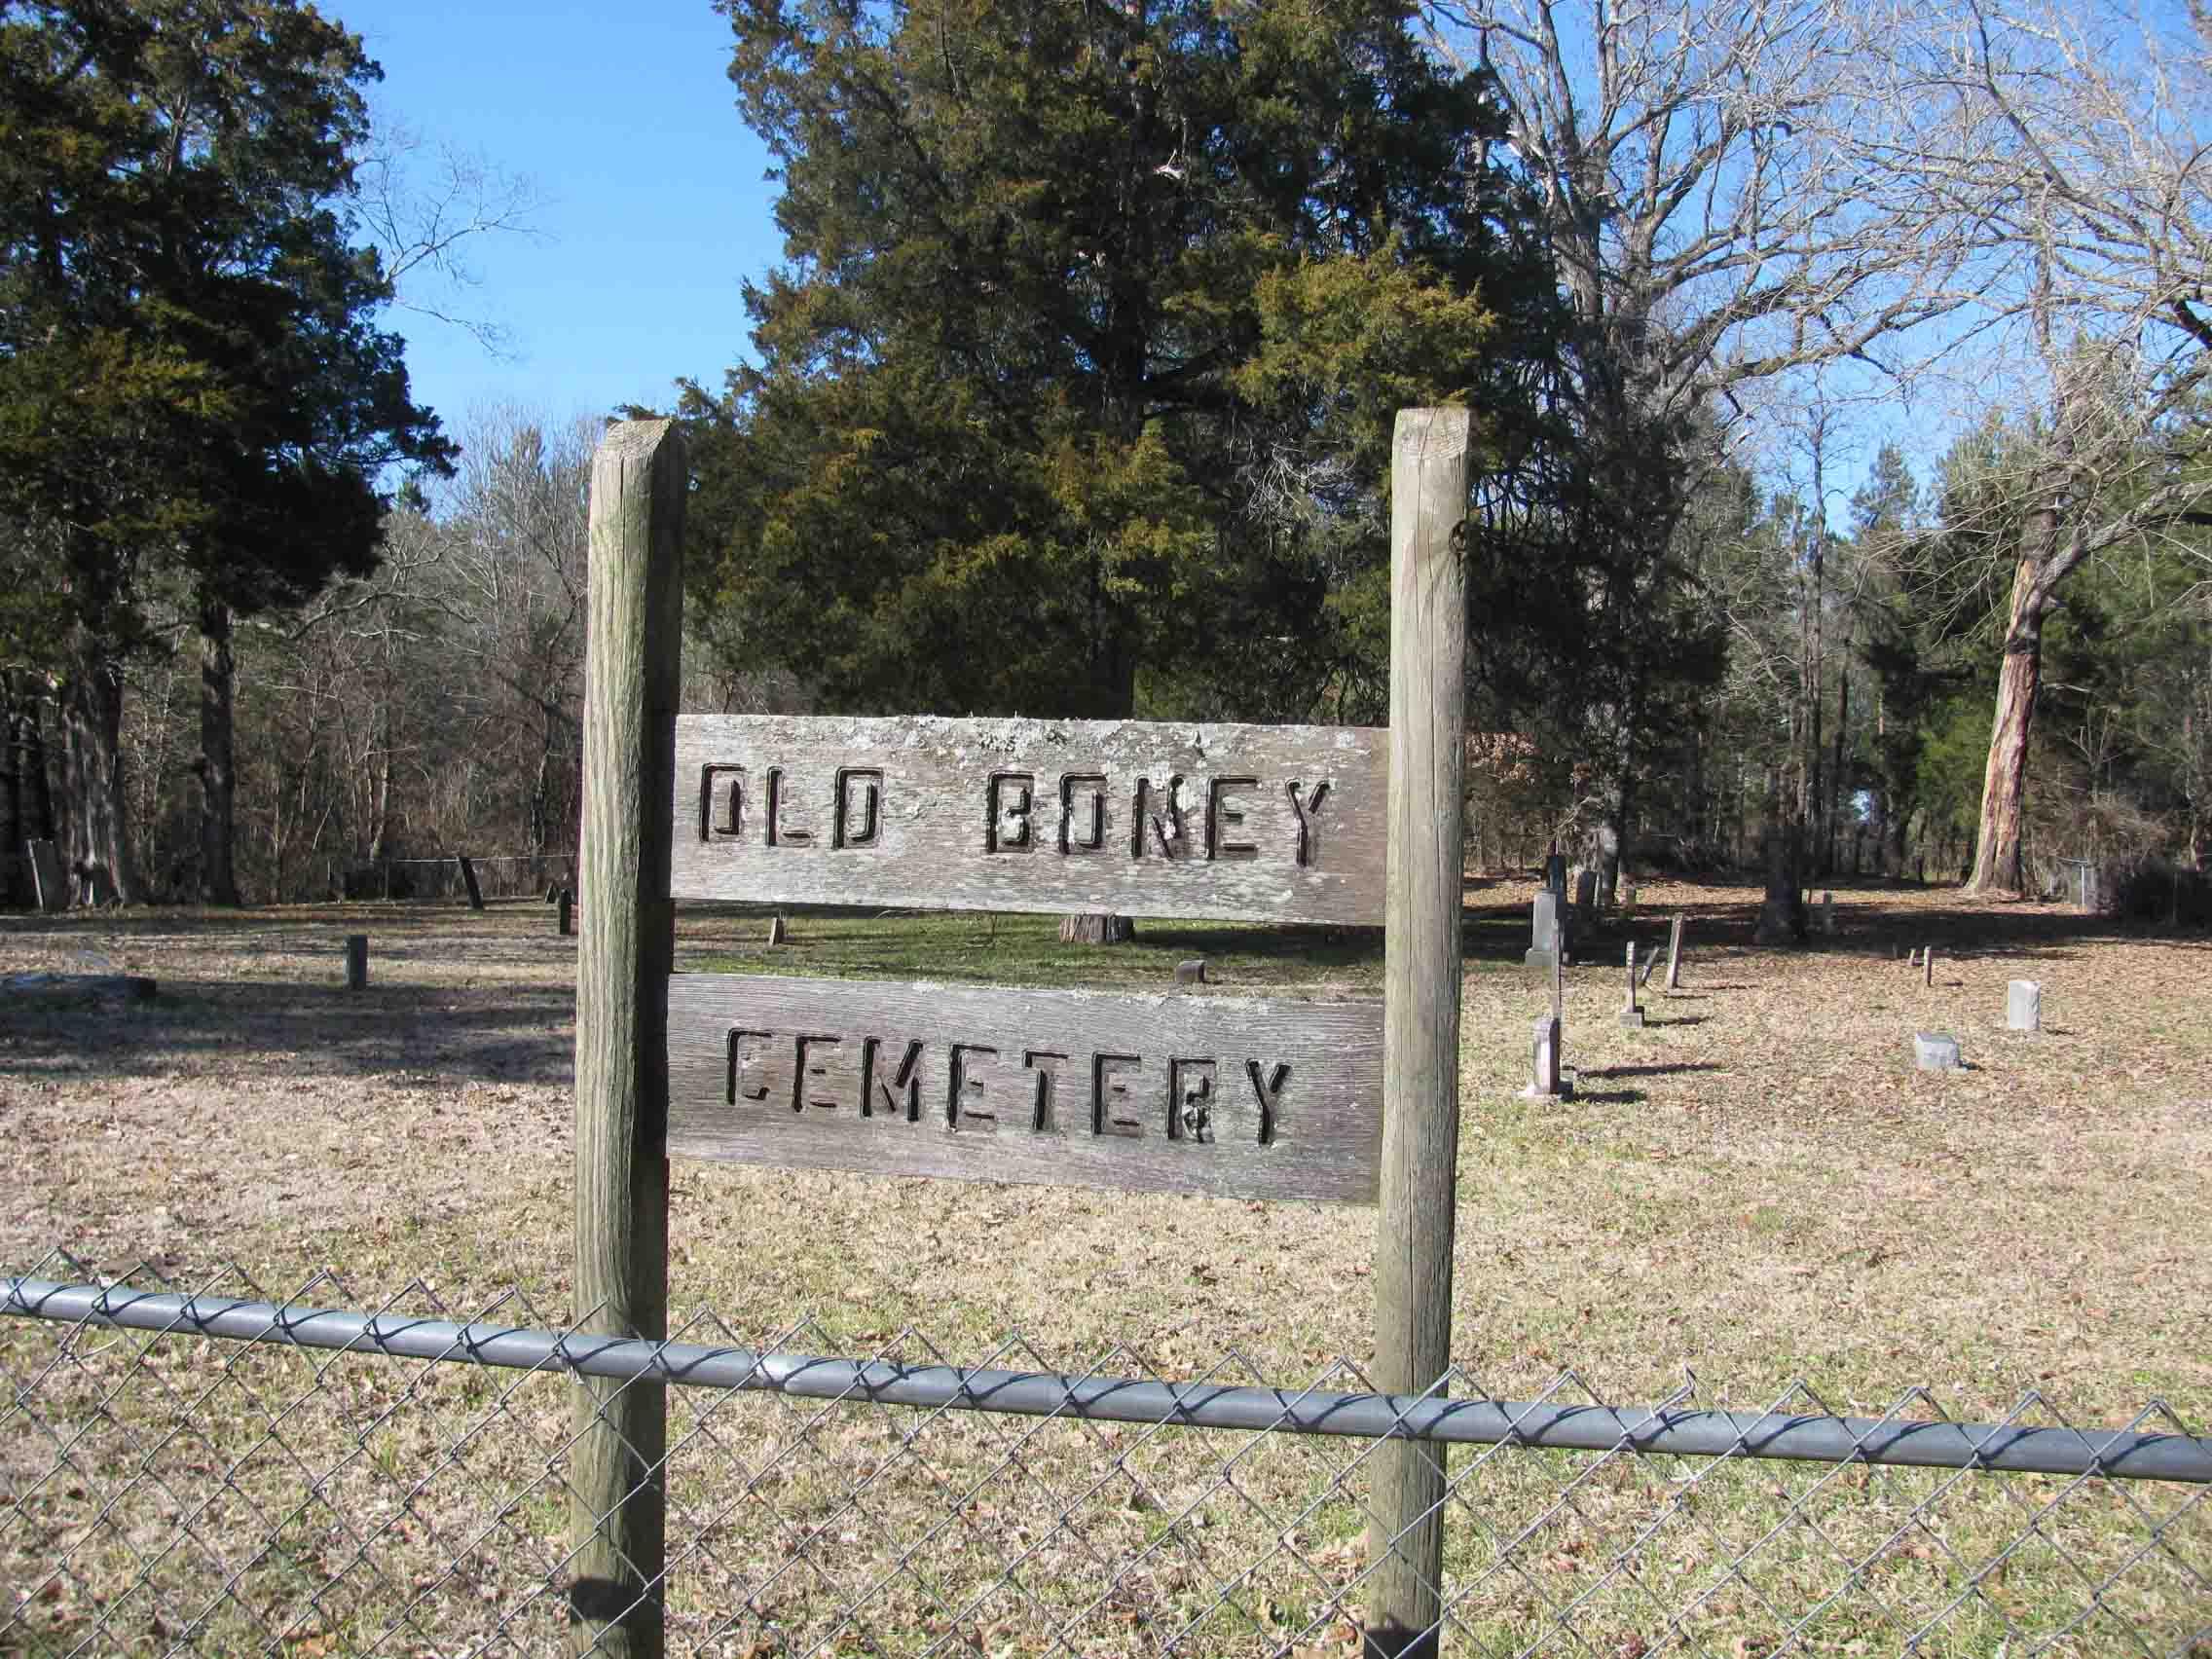 Boney Cemetery